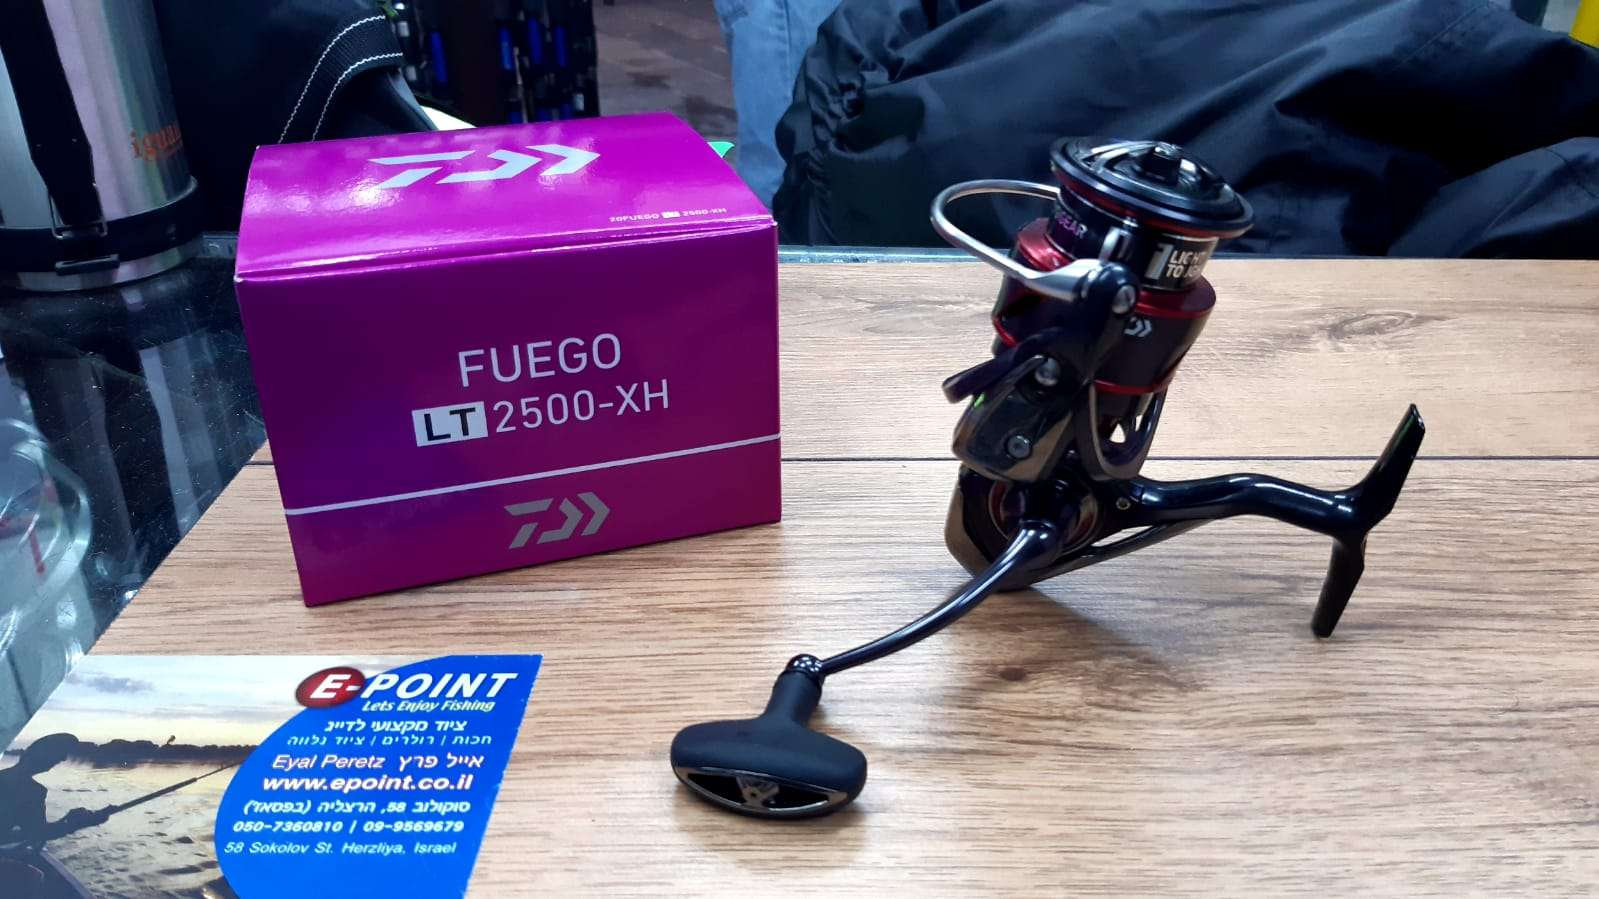 DAIWA FUEGO LT 2500 XH